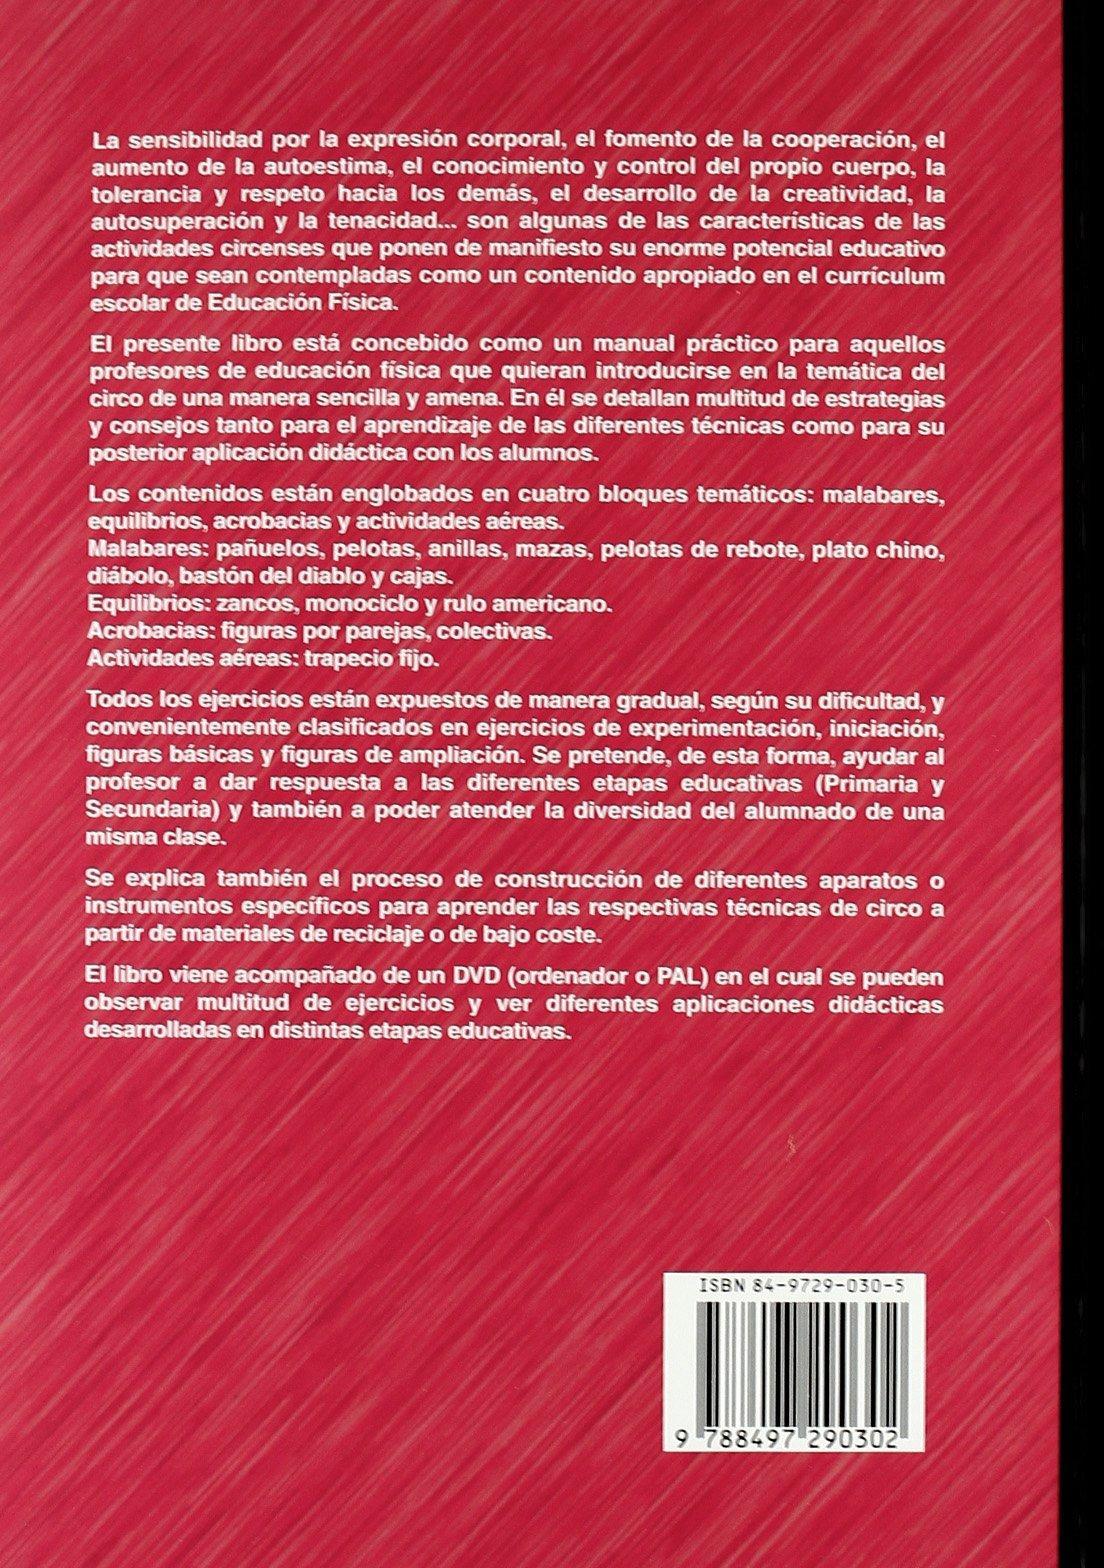 Circo y educación física : otra forma de aprender: Varios: 9788497290302: Amazon.com: Books